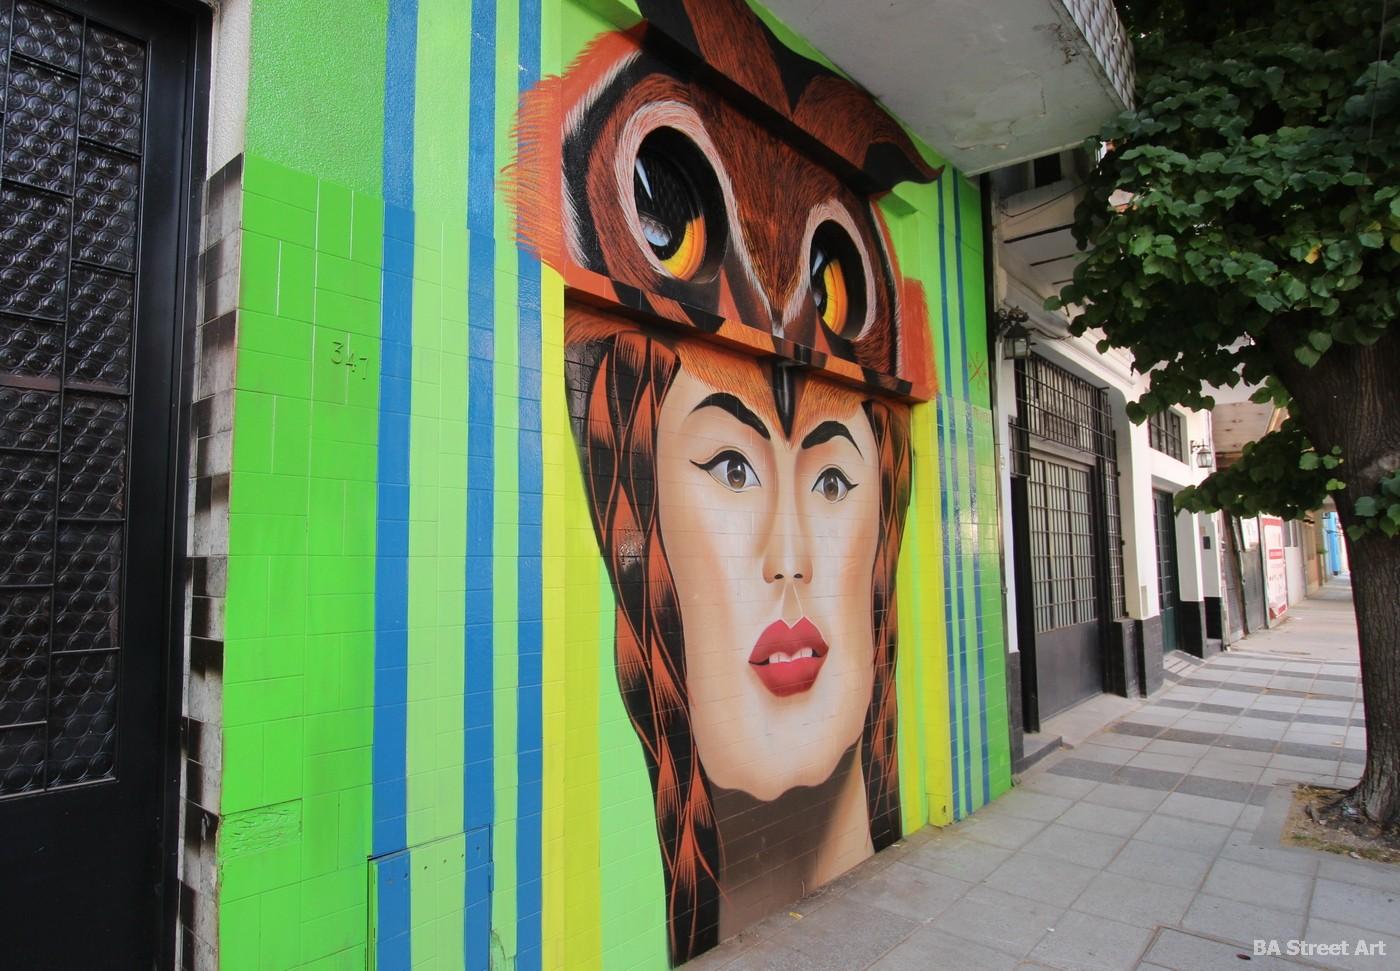 coghlan buenos aires barrio ingles murales patrocinados por BA Street Art artista Hech Uno